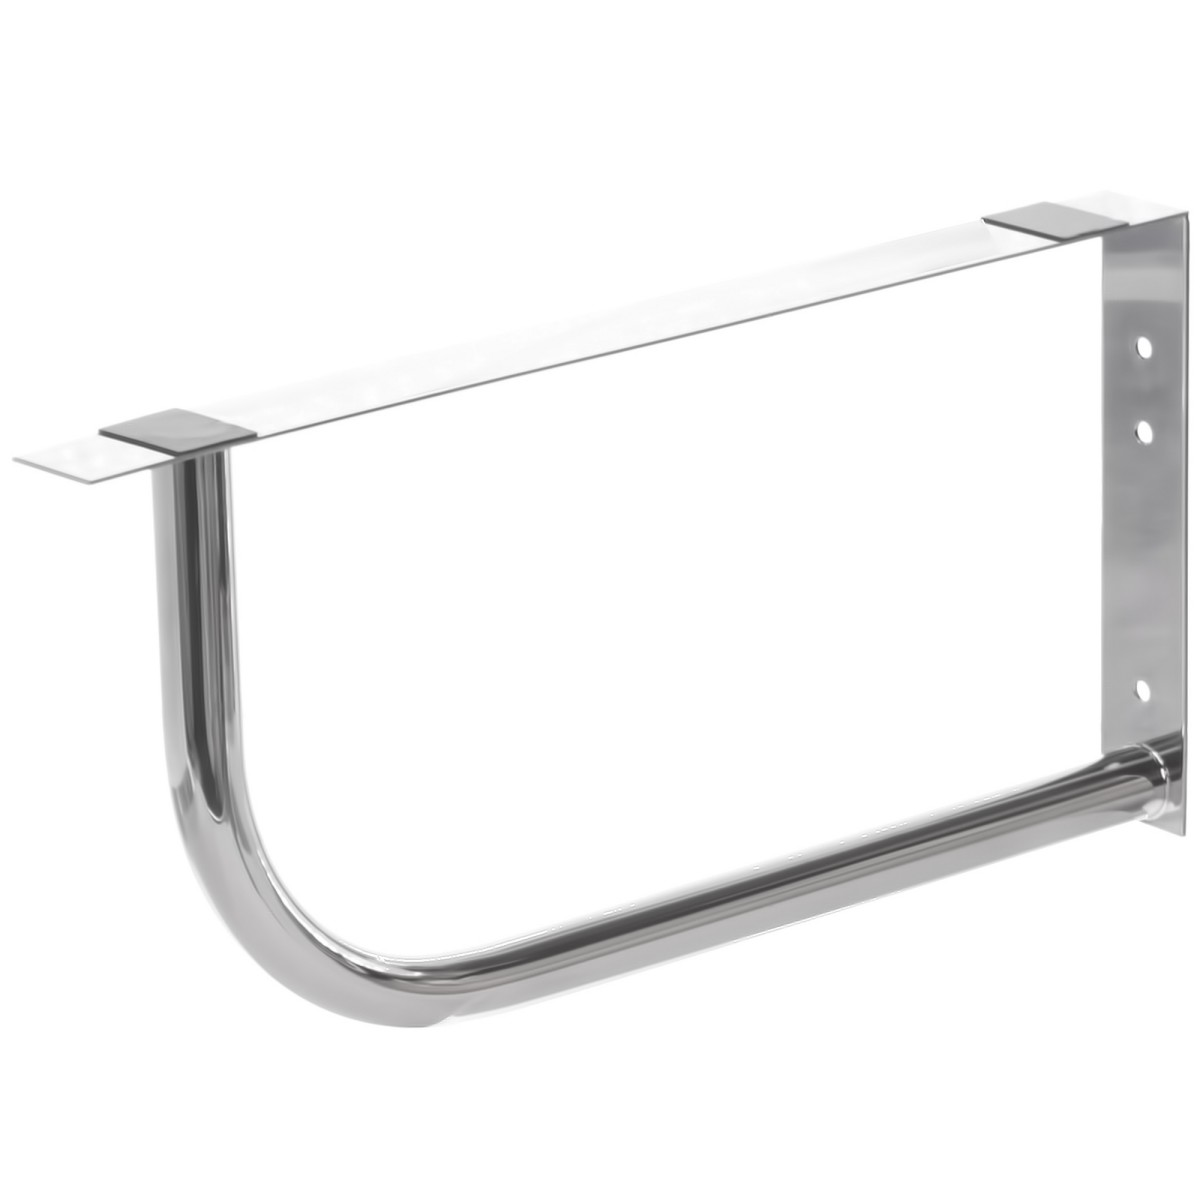 Кронштейн 450х245 мм нержавеющая сталь 2 шт.